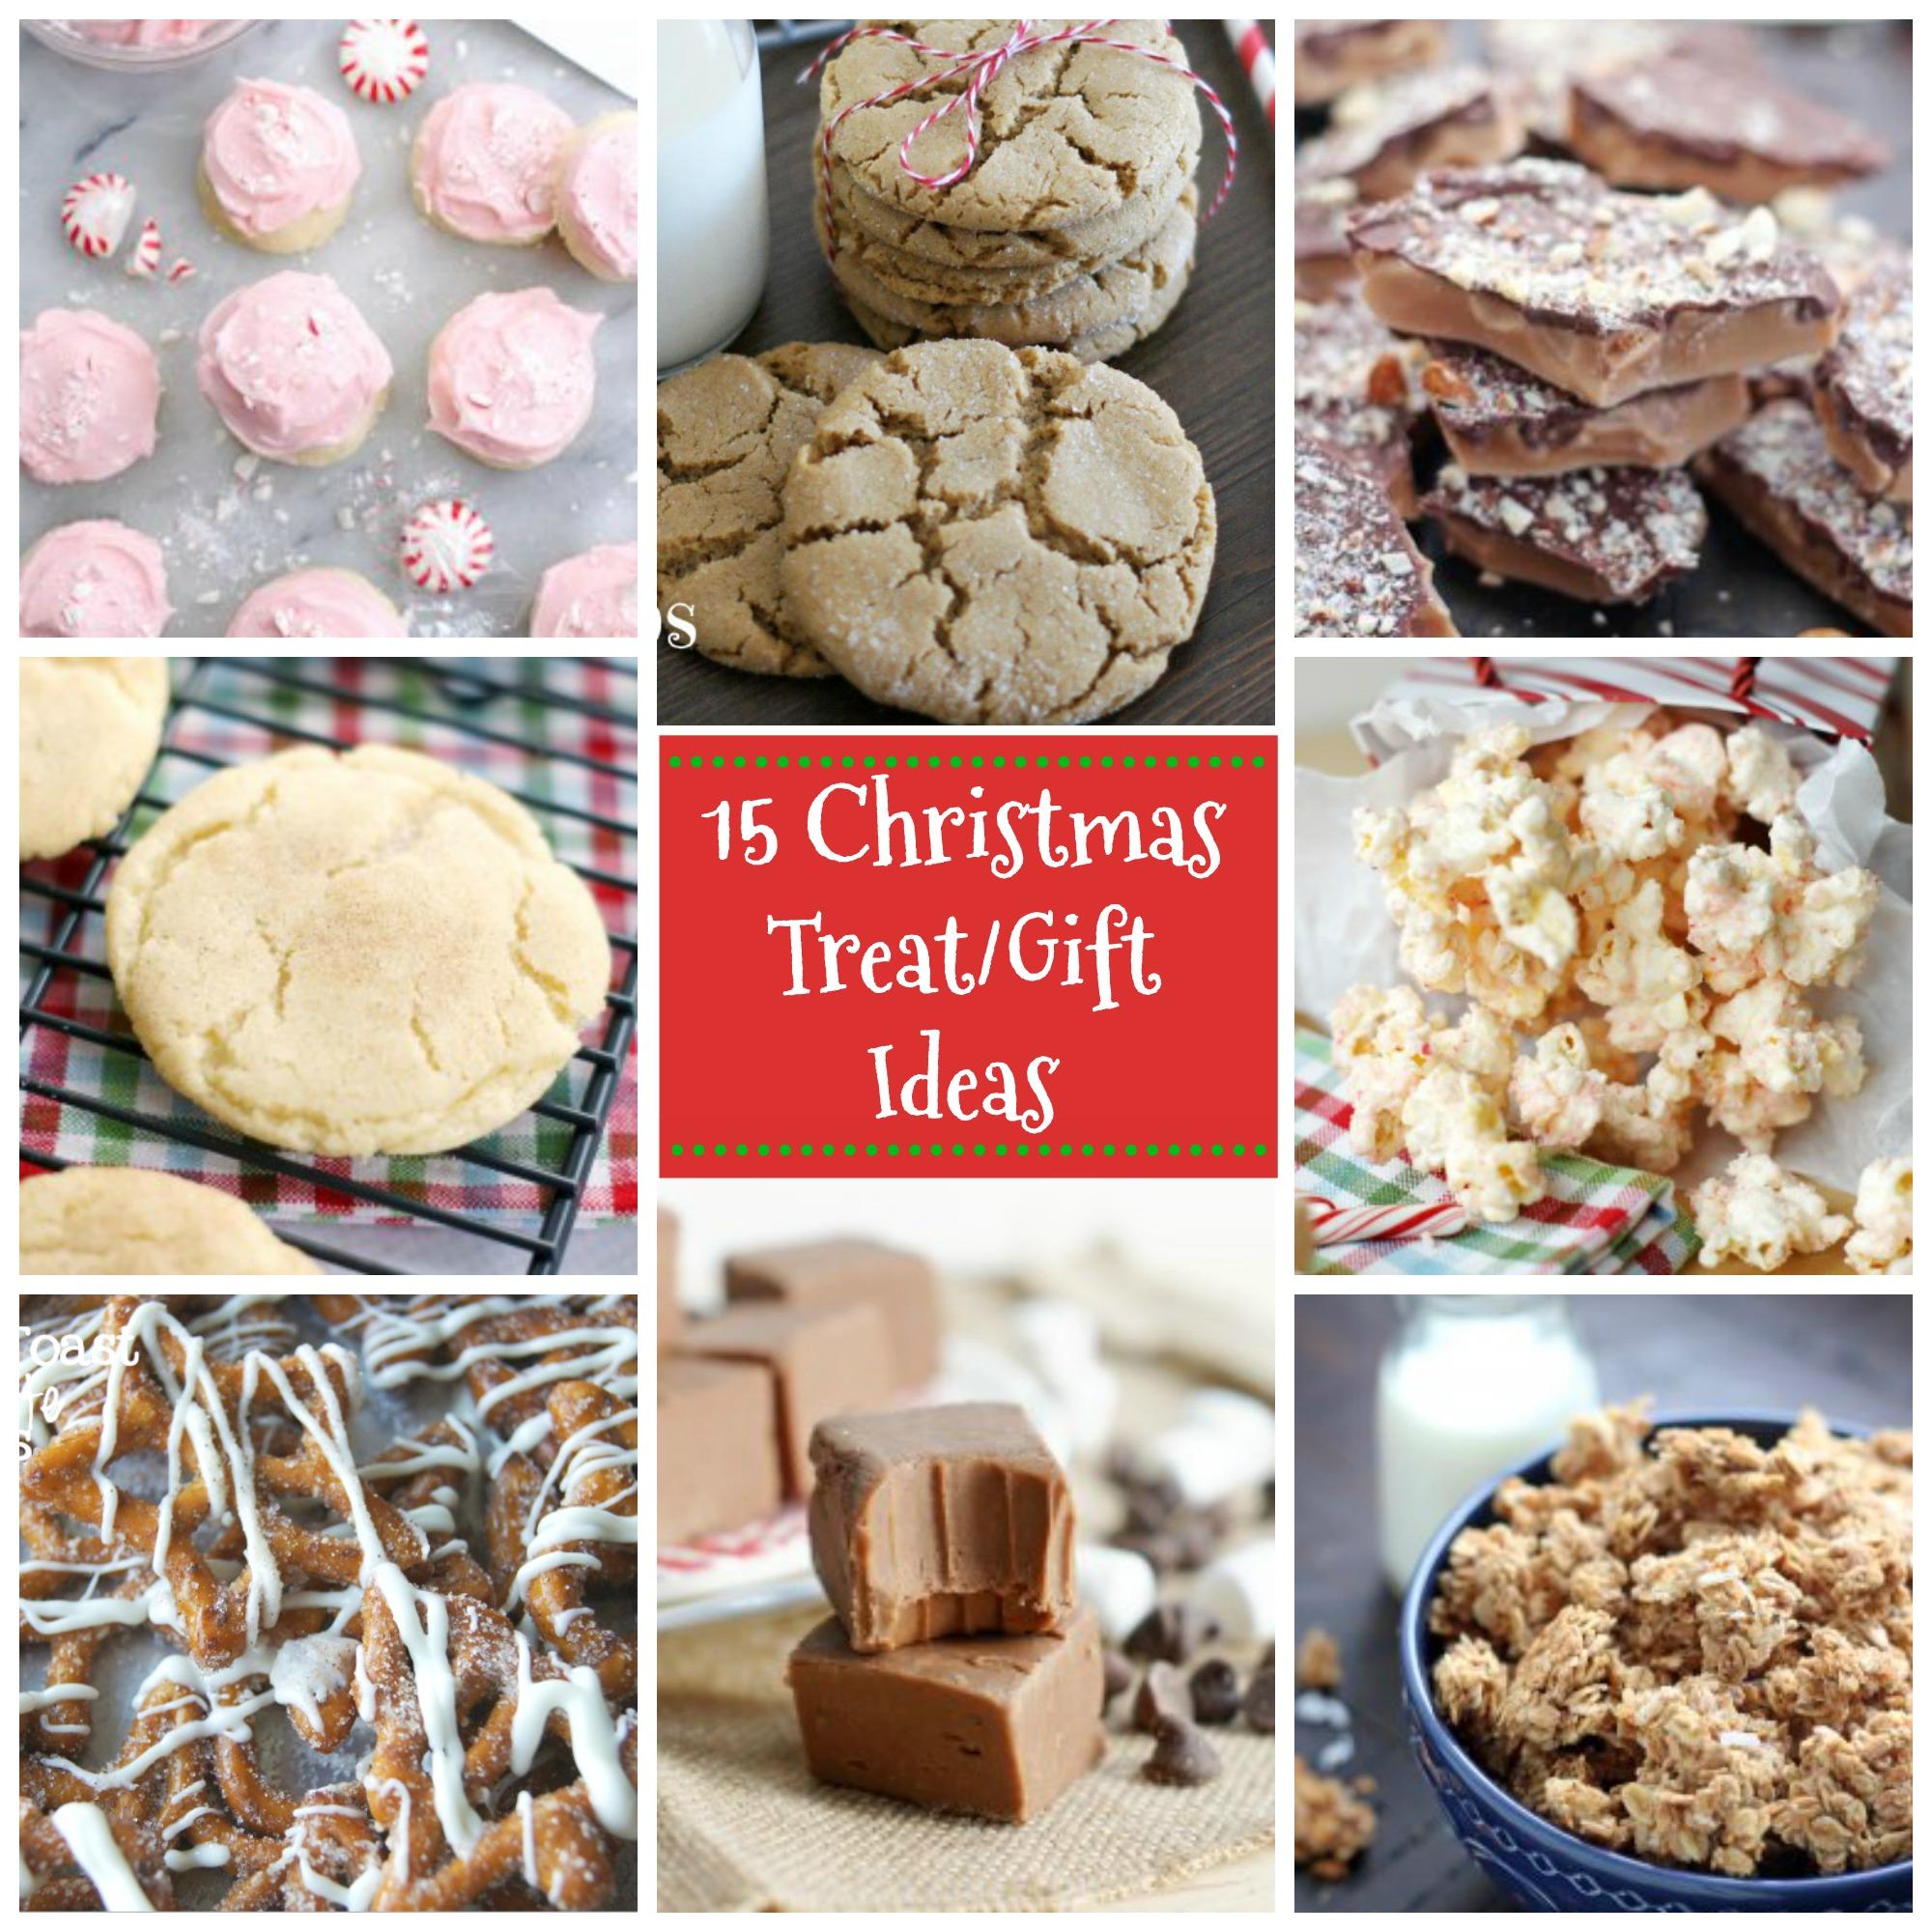 Favorite Christmas Treat/Gift Ideas - 5 Boys Baker